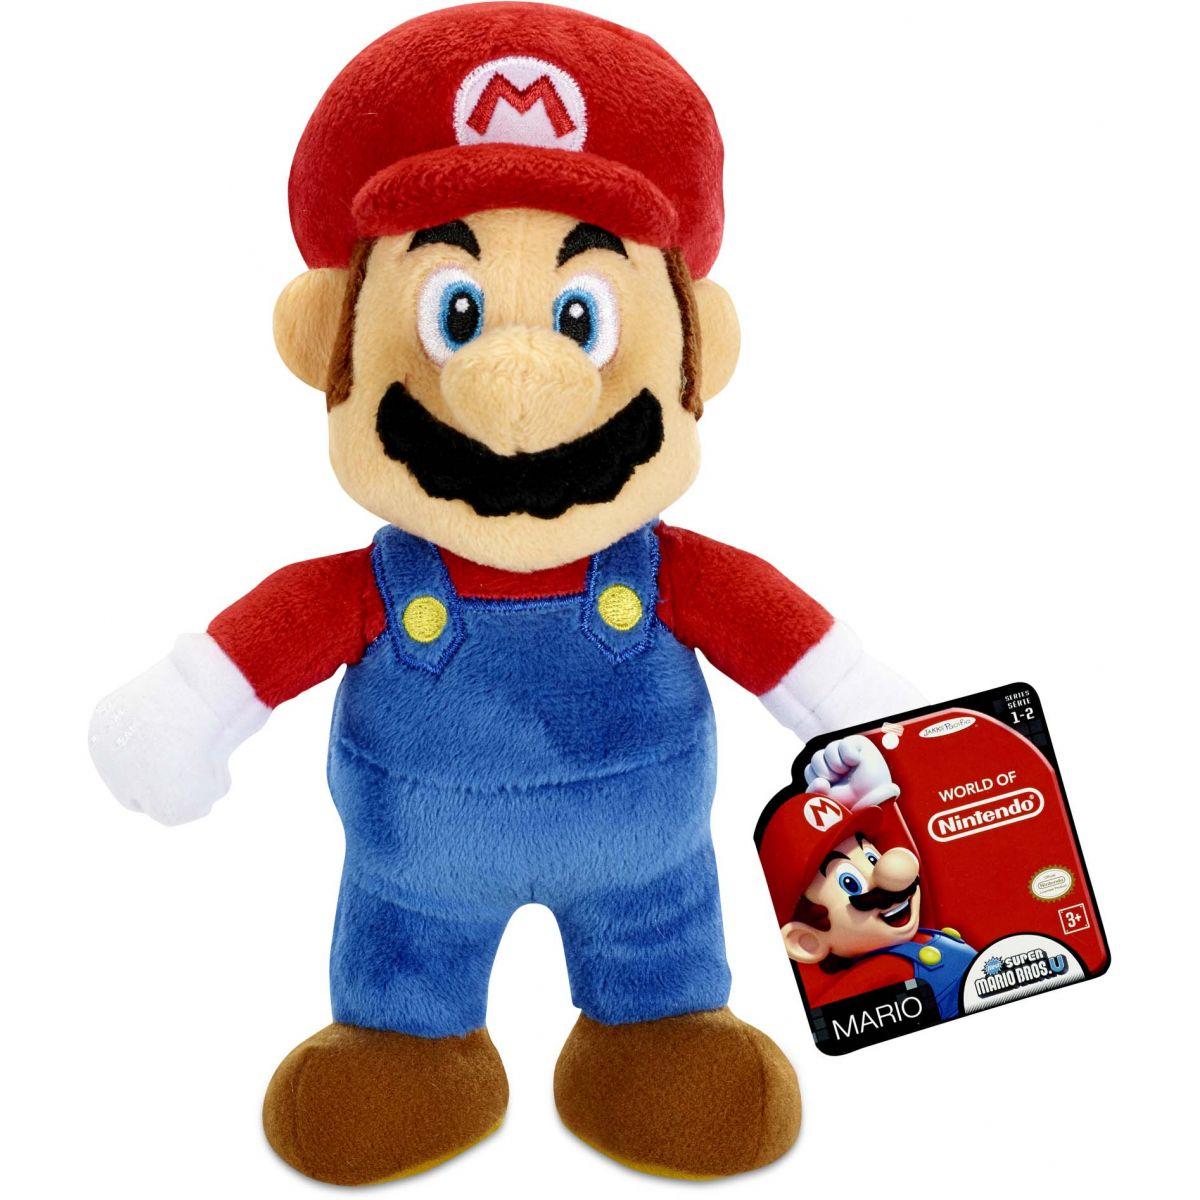 Pelúcia Nitendo: Mario - DTC